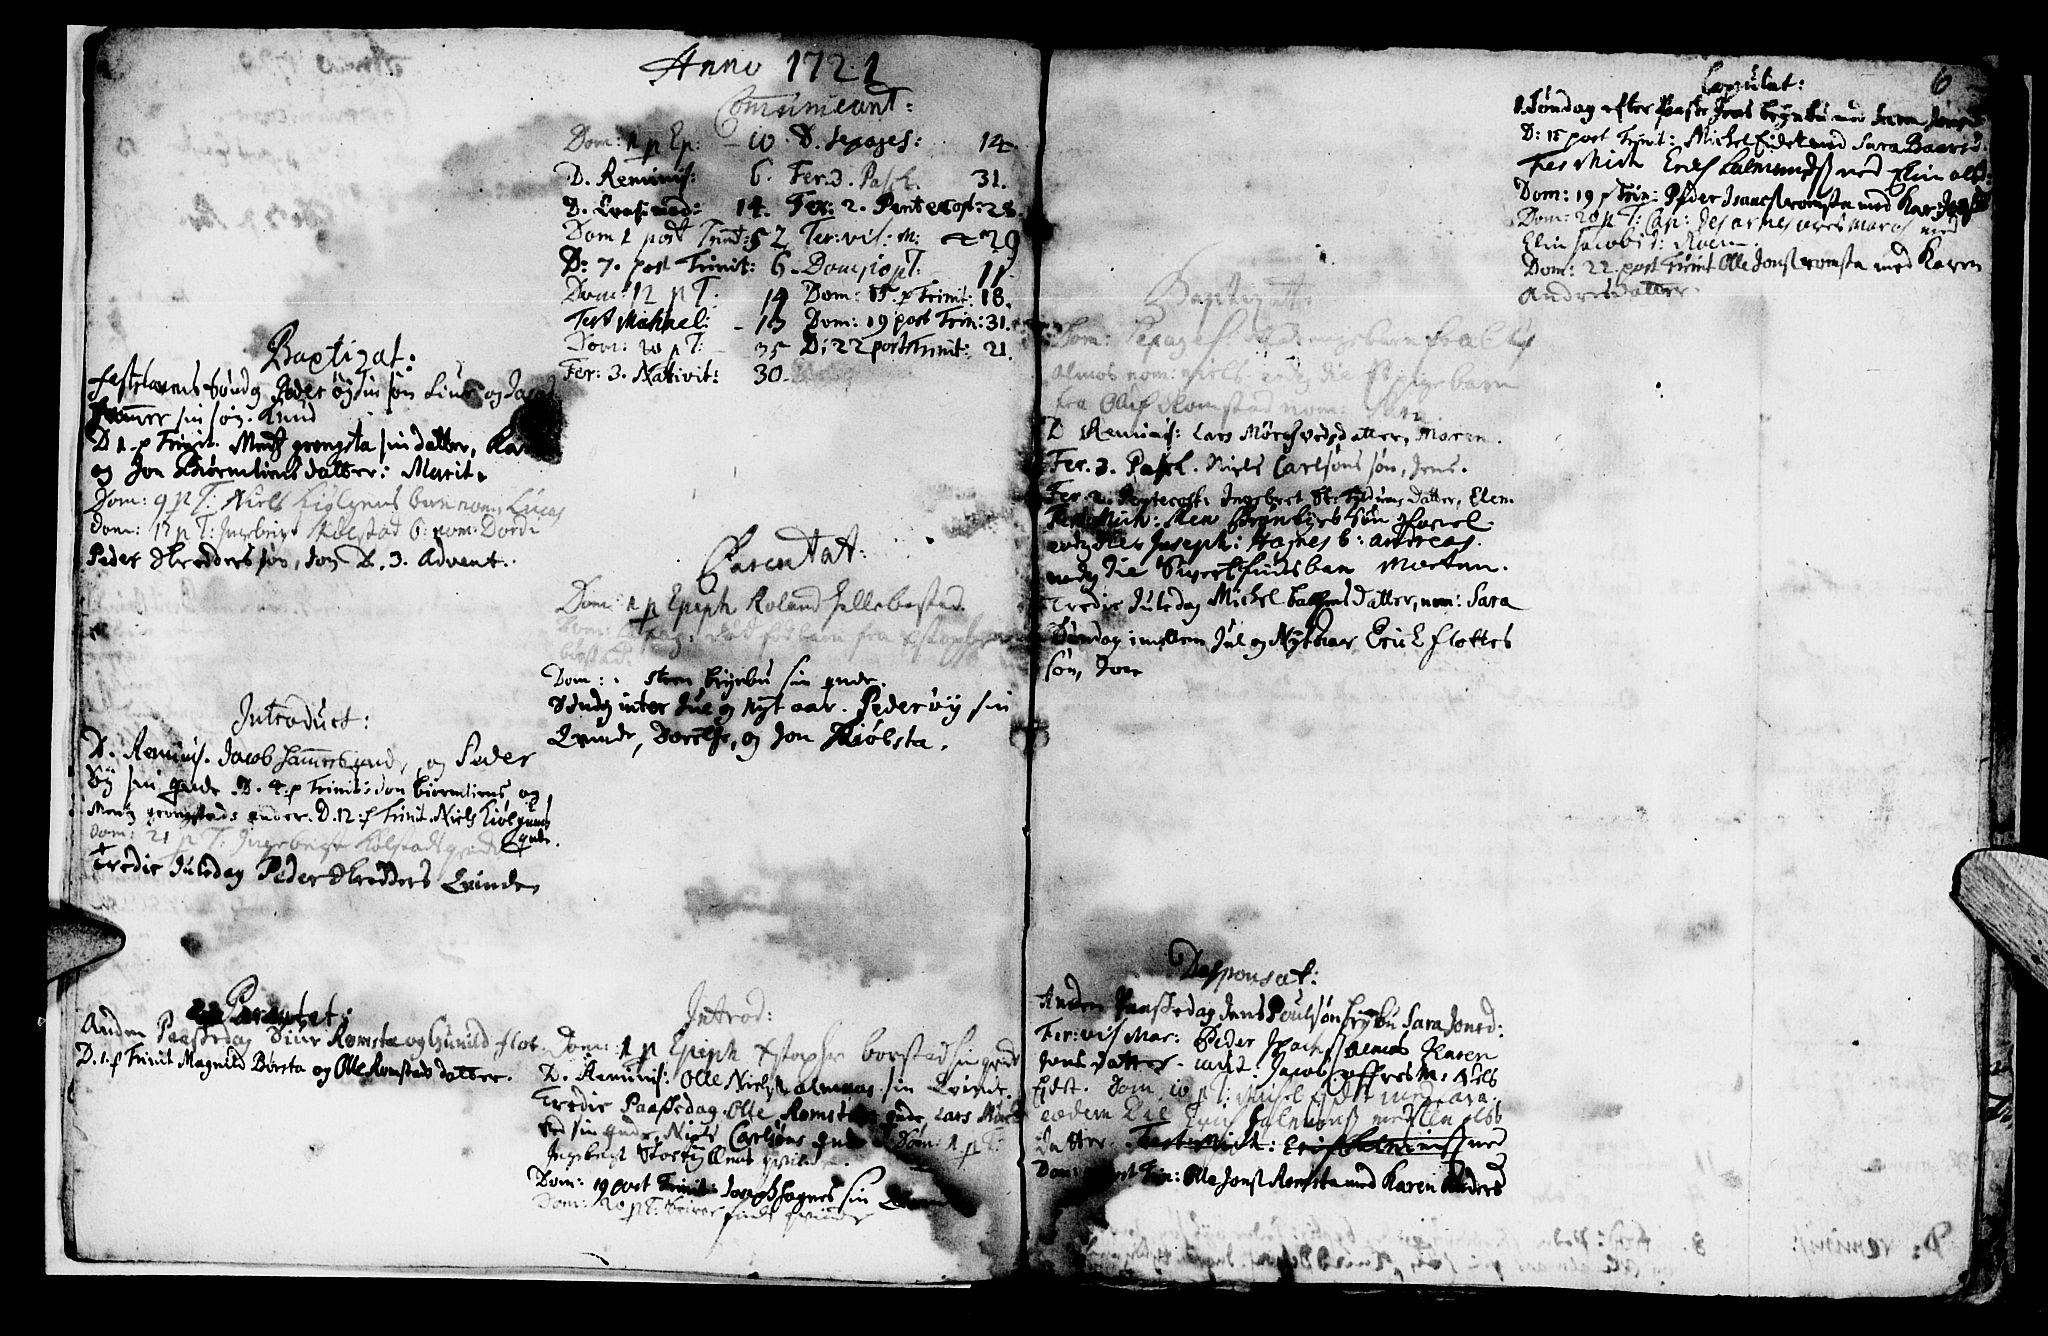 SAT, Ministerialprotokoller, klokkerbøker og fødselsregistre - Nord-Trøndelag, 765/L0560: Ministerialbok nr. 765A01, 1706-1748, s. 6